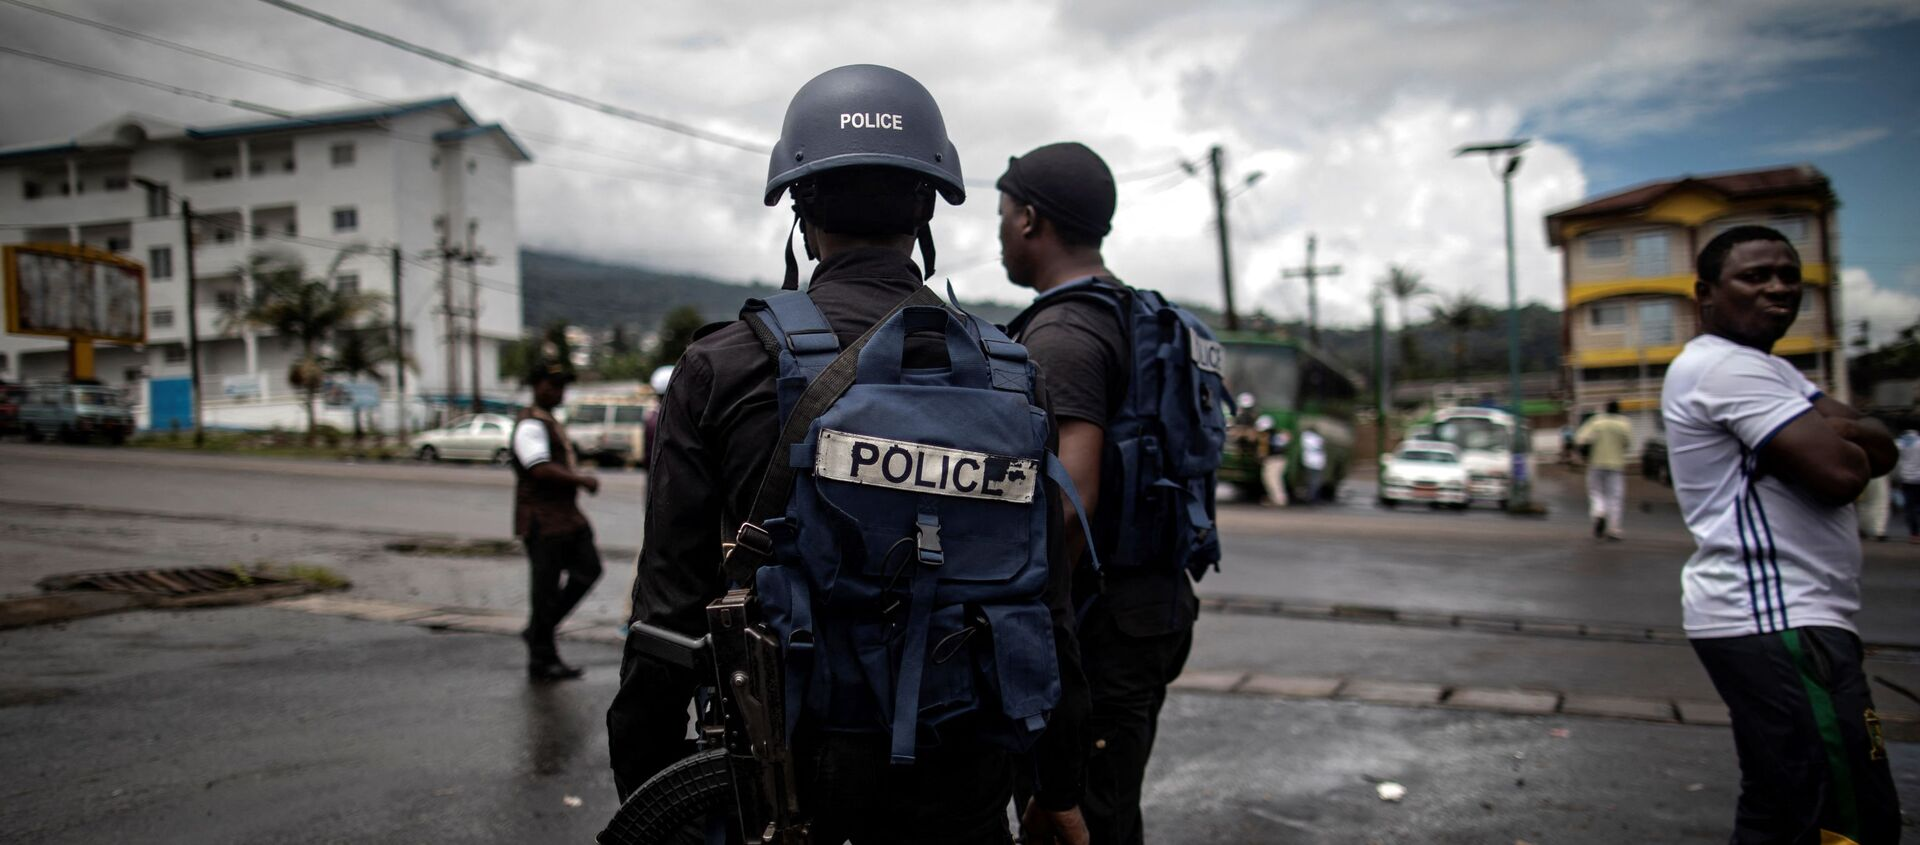 Les forces de police camerounaises - Sputnik France, 1920, 24.08.2021